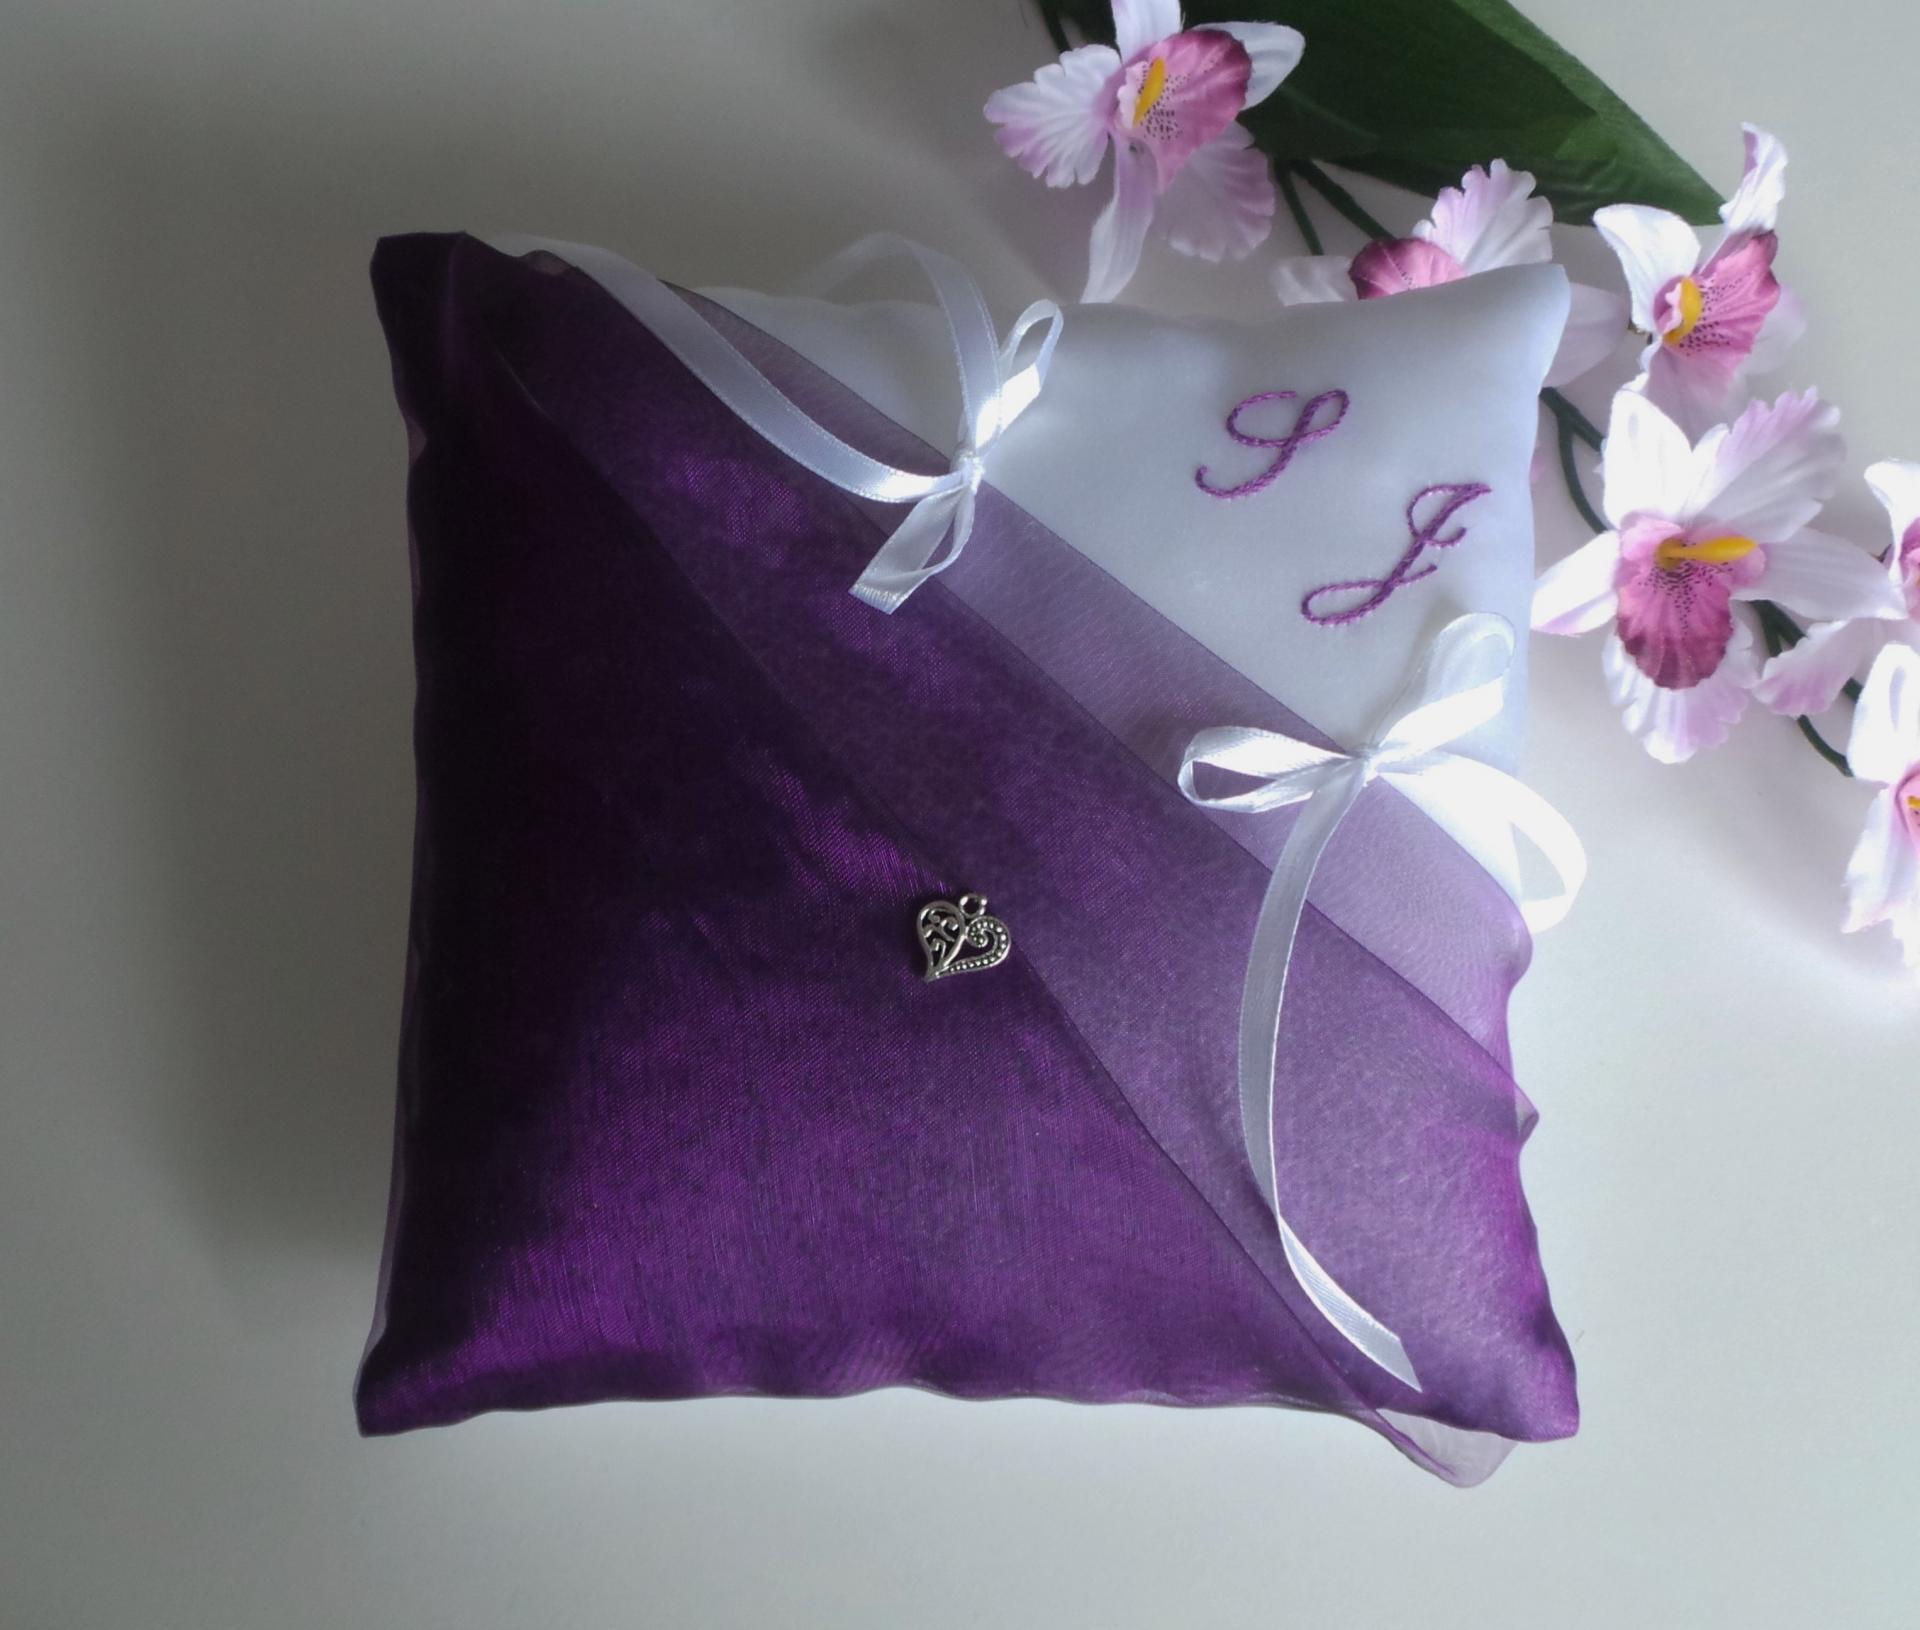 coussin alliance violet prune blanc personnalisé